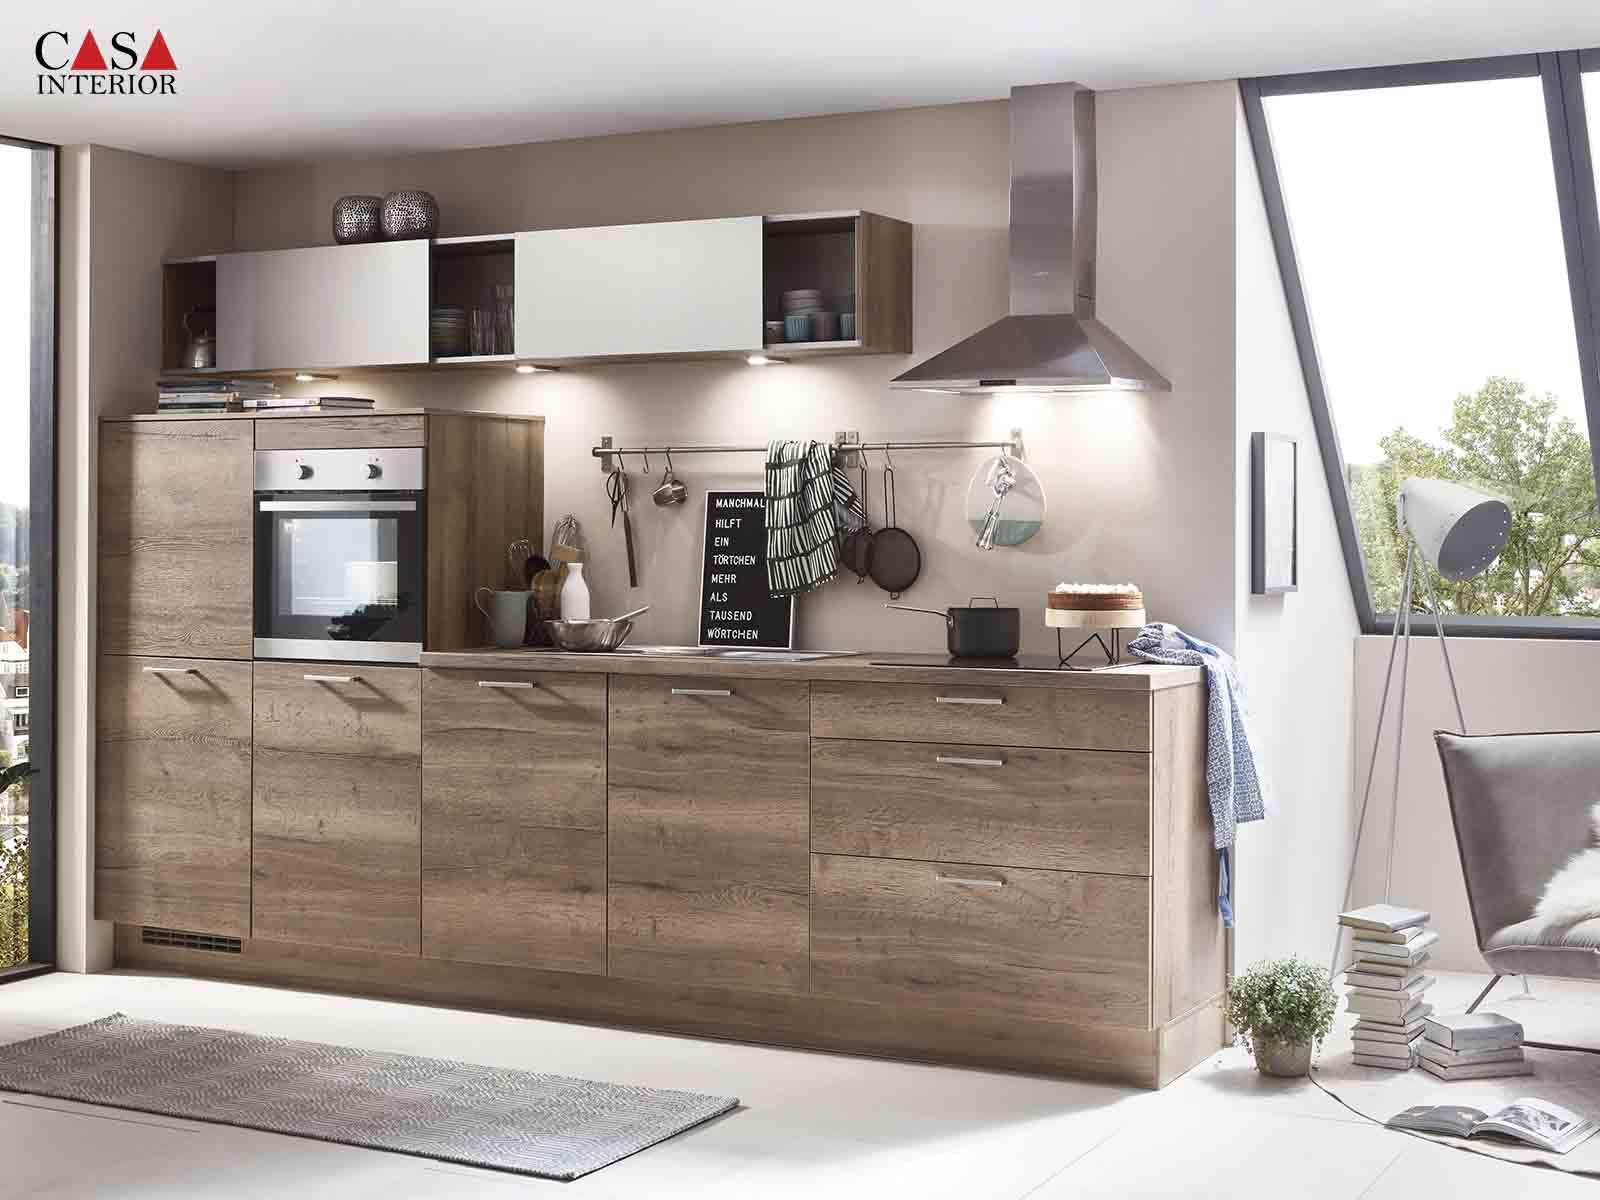 Küchentime Structura 402